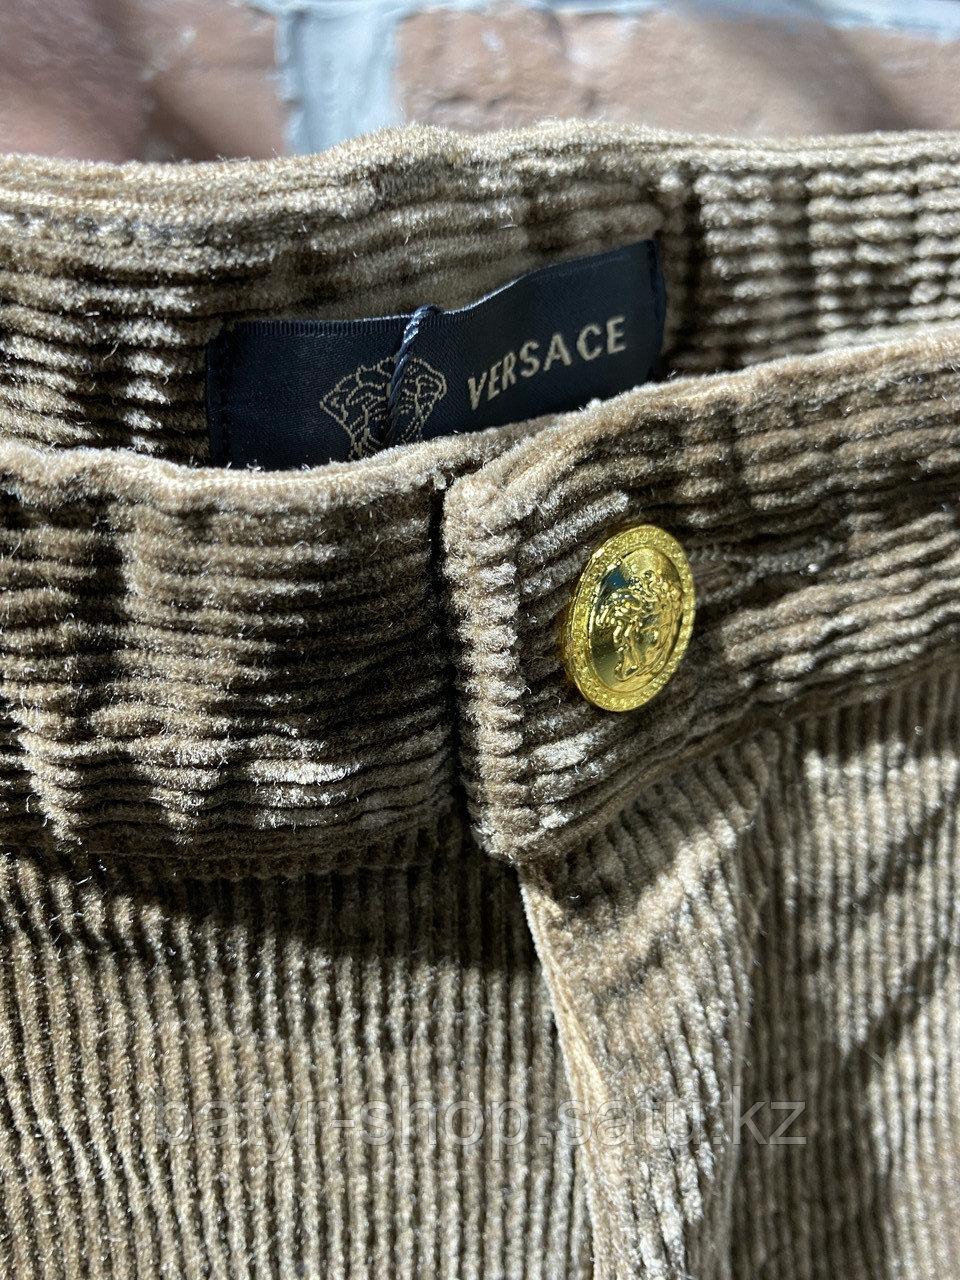 Джинсы вельветовые Versace (0292) - фото 4